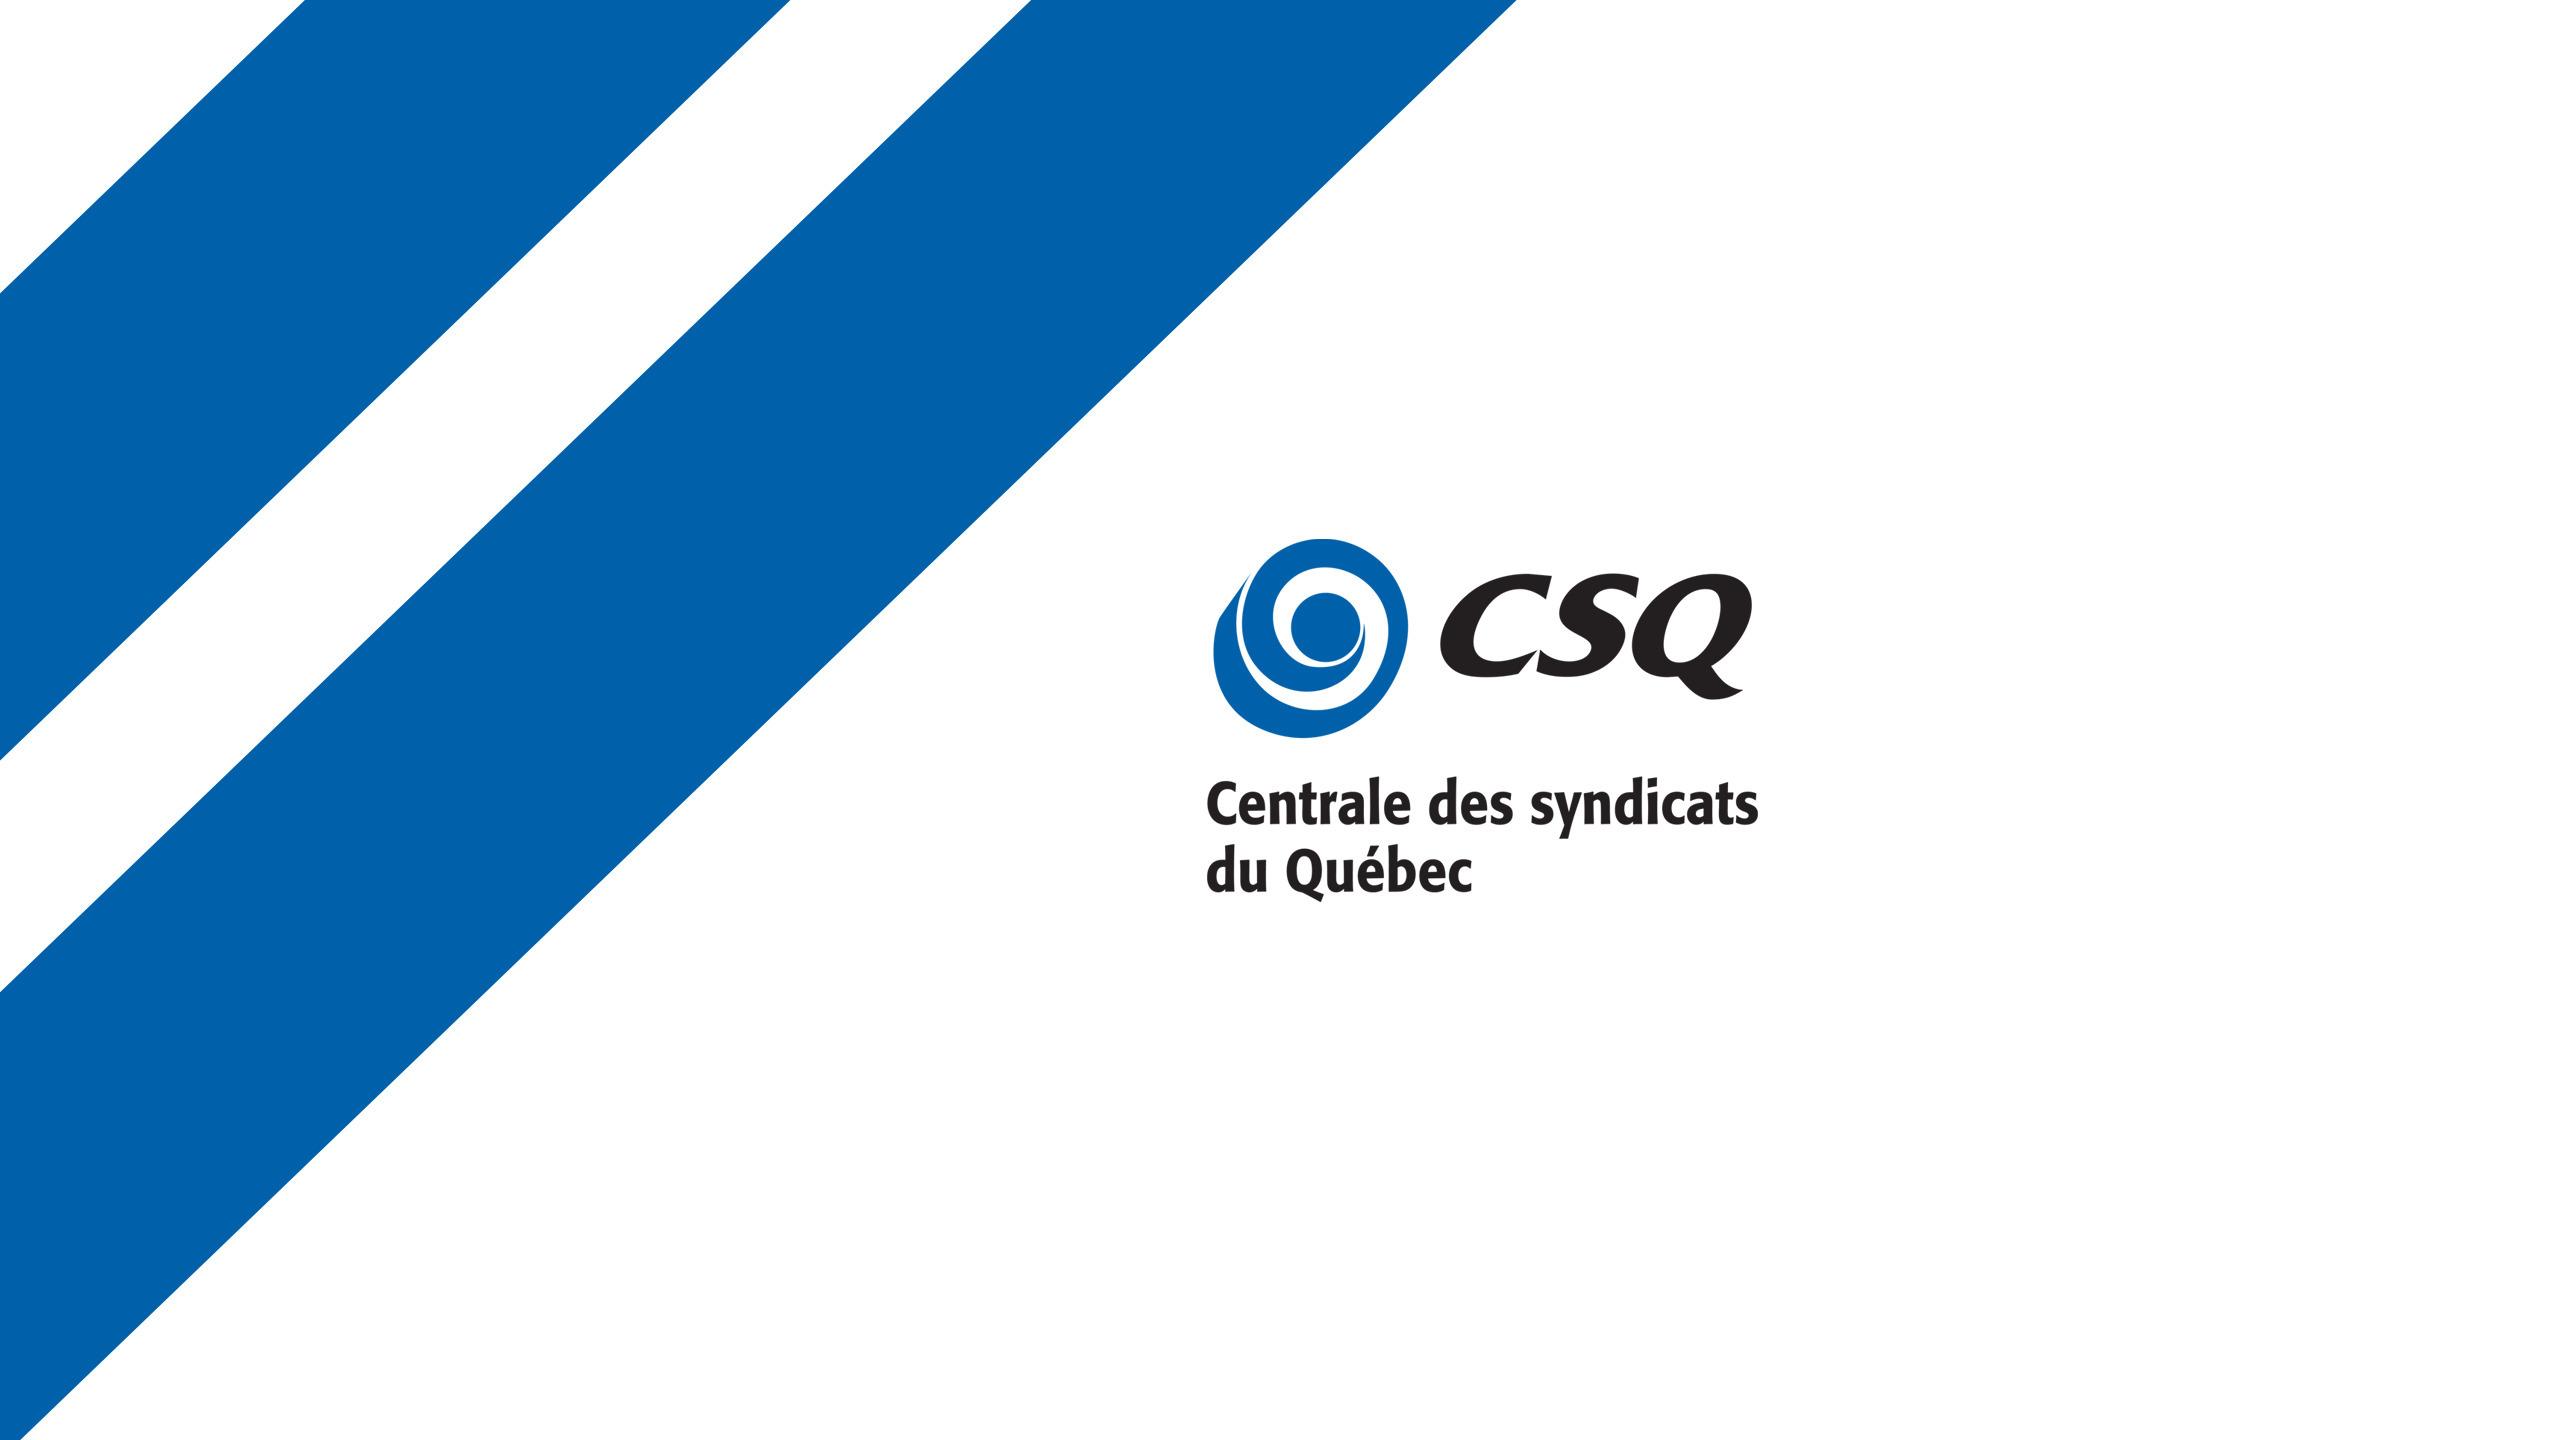 Centrale des syndicats du Québec (@lacsq) Cover Image